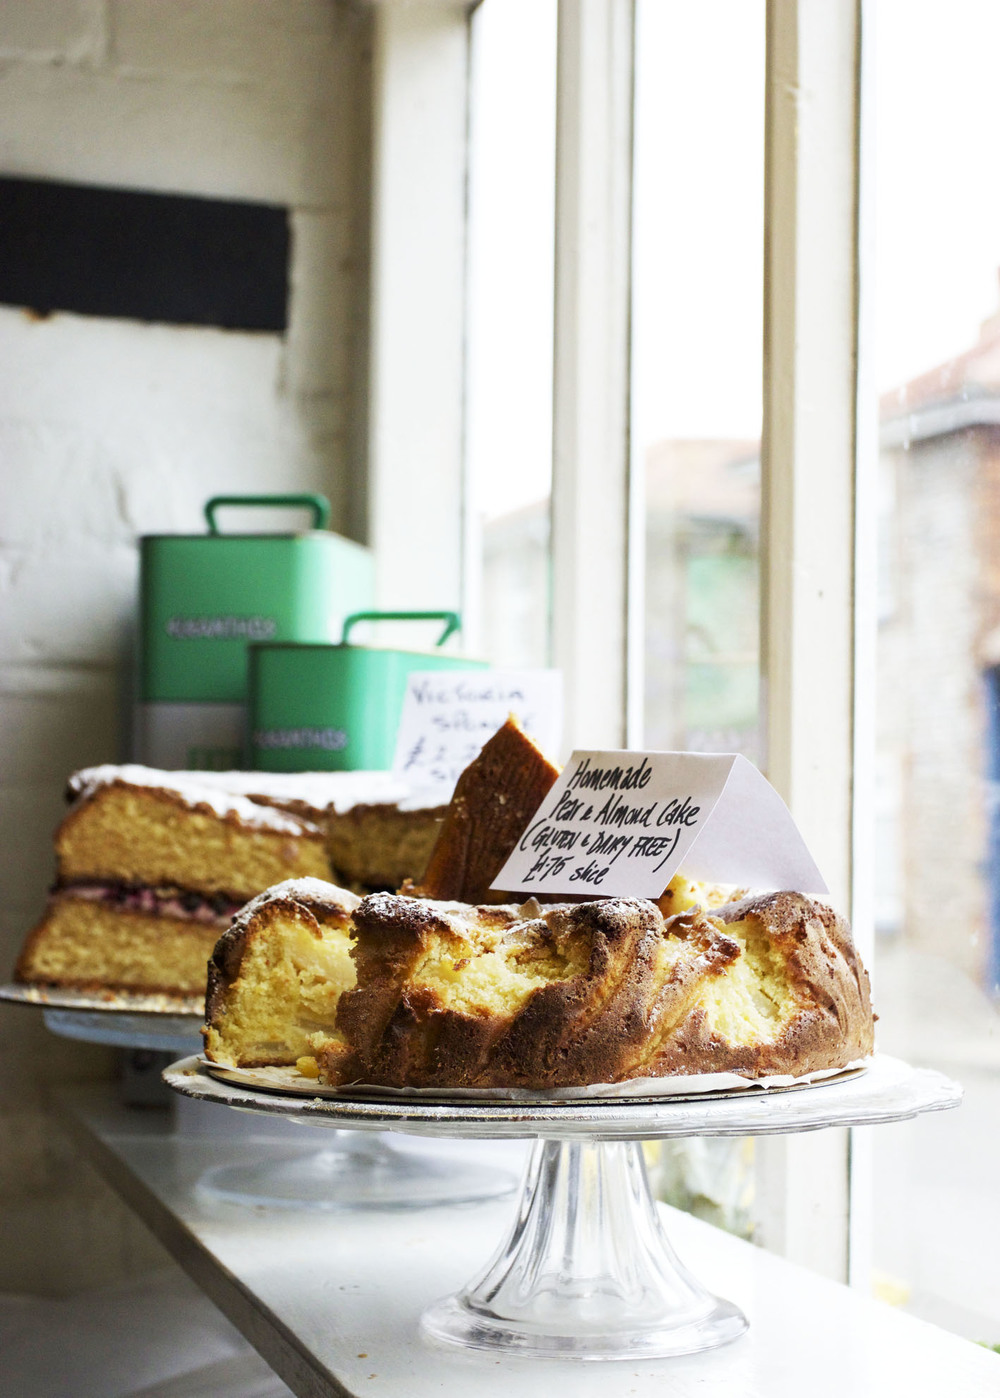 Picnic fayre cake 2.jpg